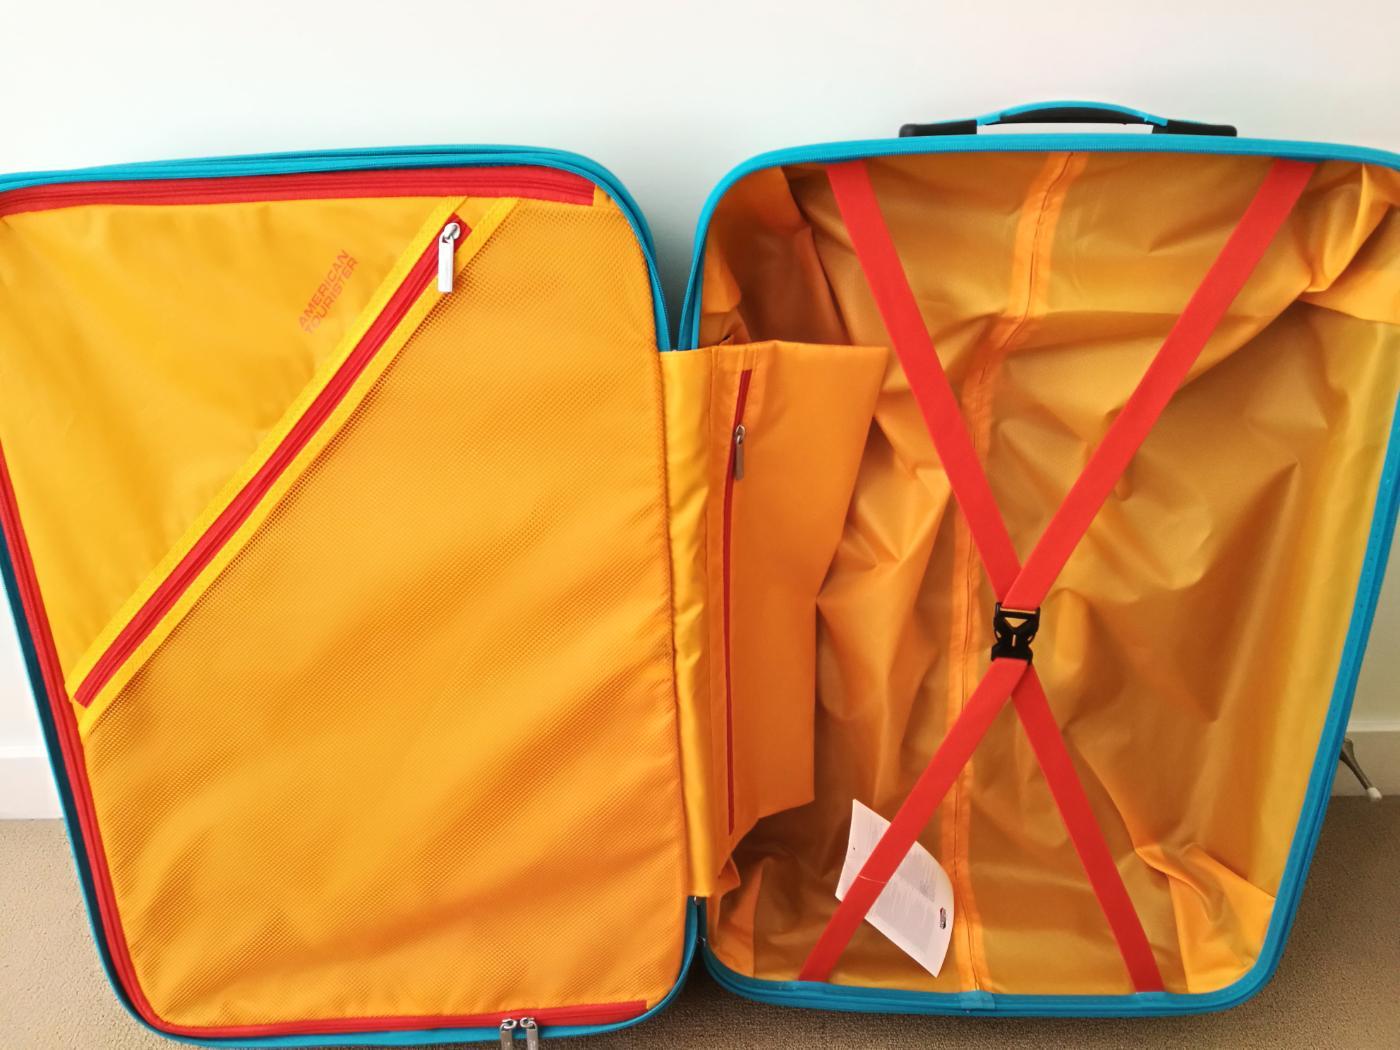 アメリカン・エクスプレスのスーツケース「エアフォースワン」95.1L~111L(76×50×29)中を開けたところ